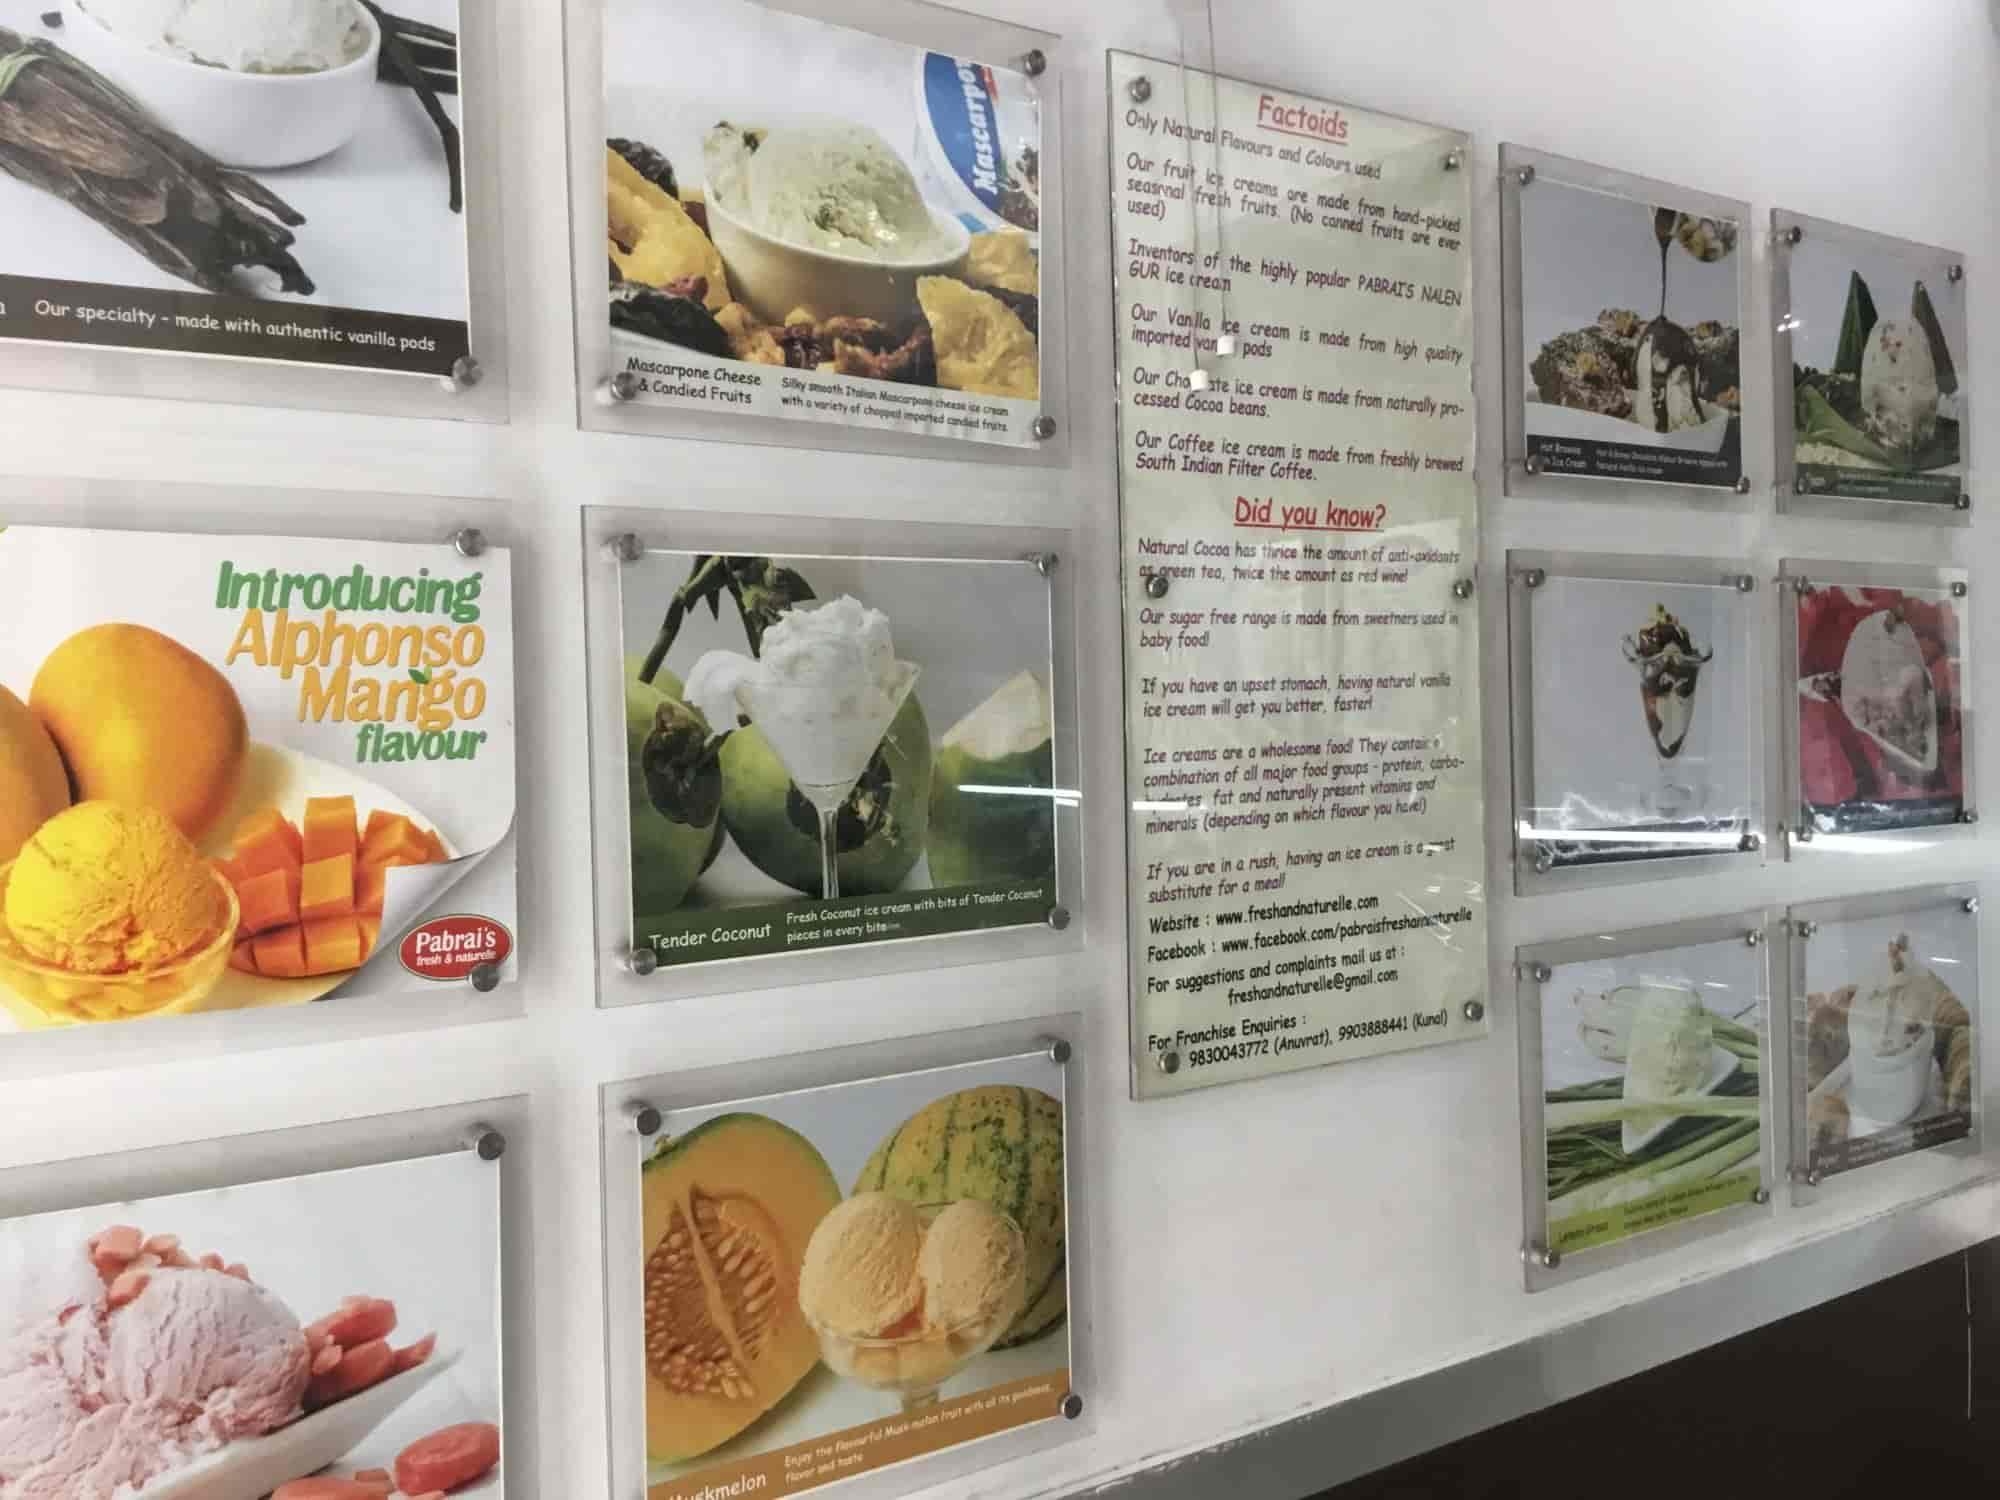 Pabrai's Fresh & Naturelle Ice Creams, Ashok Nagar, Chennai